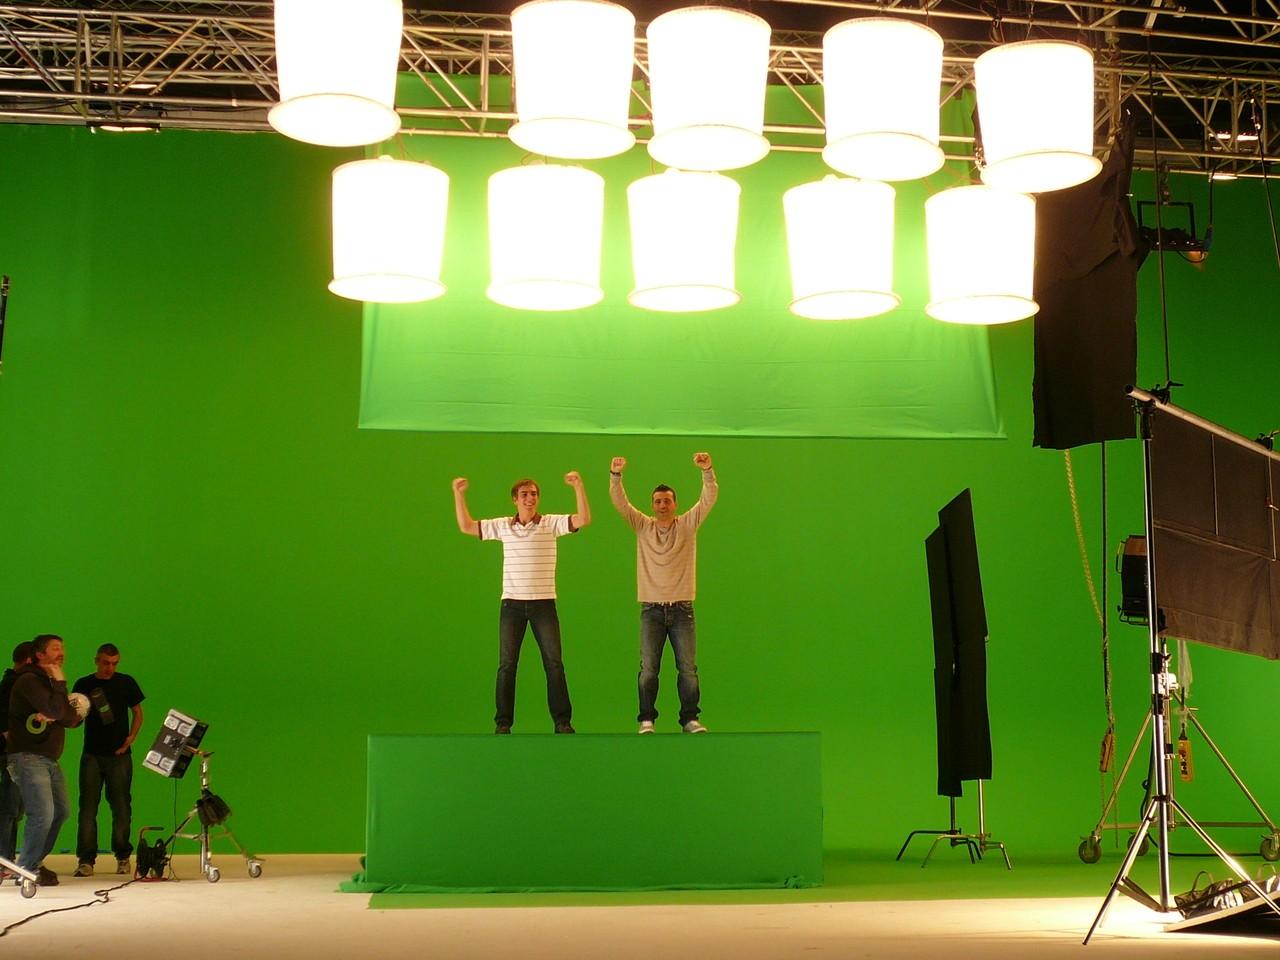 TMT Werbefilmreferenz mit Philipp Lahm im Rampenlicht